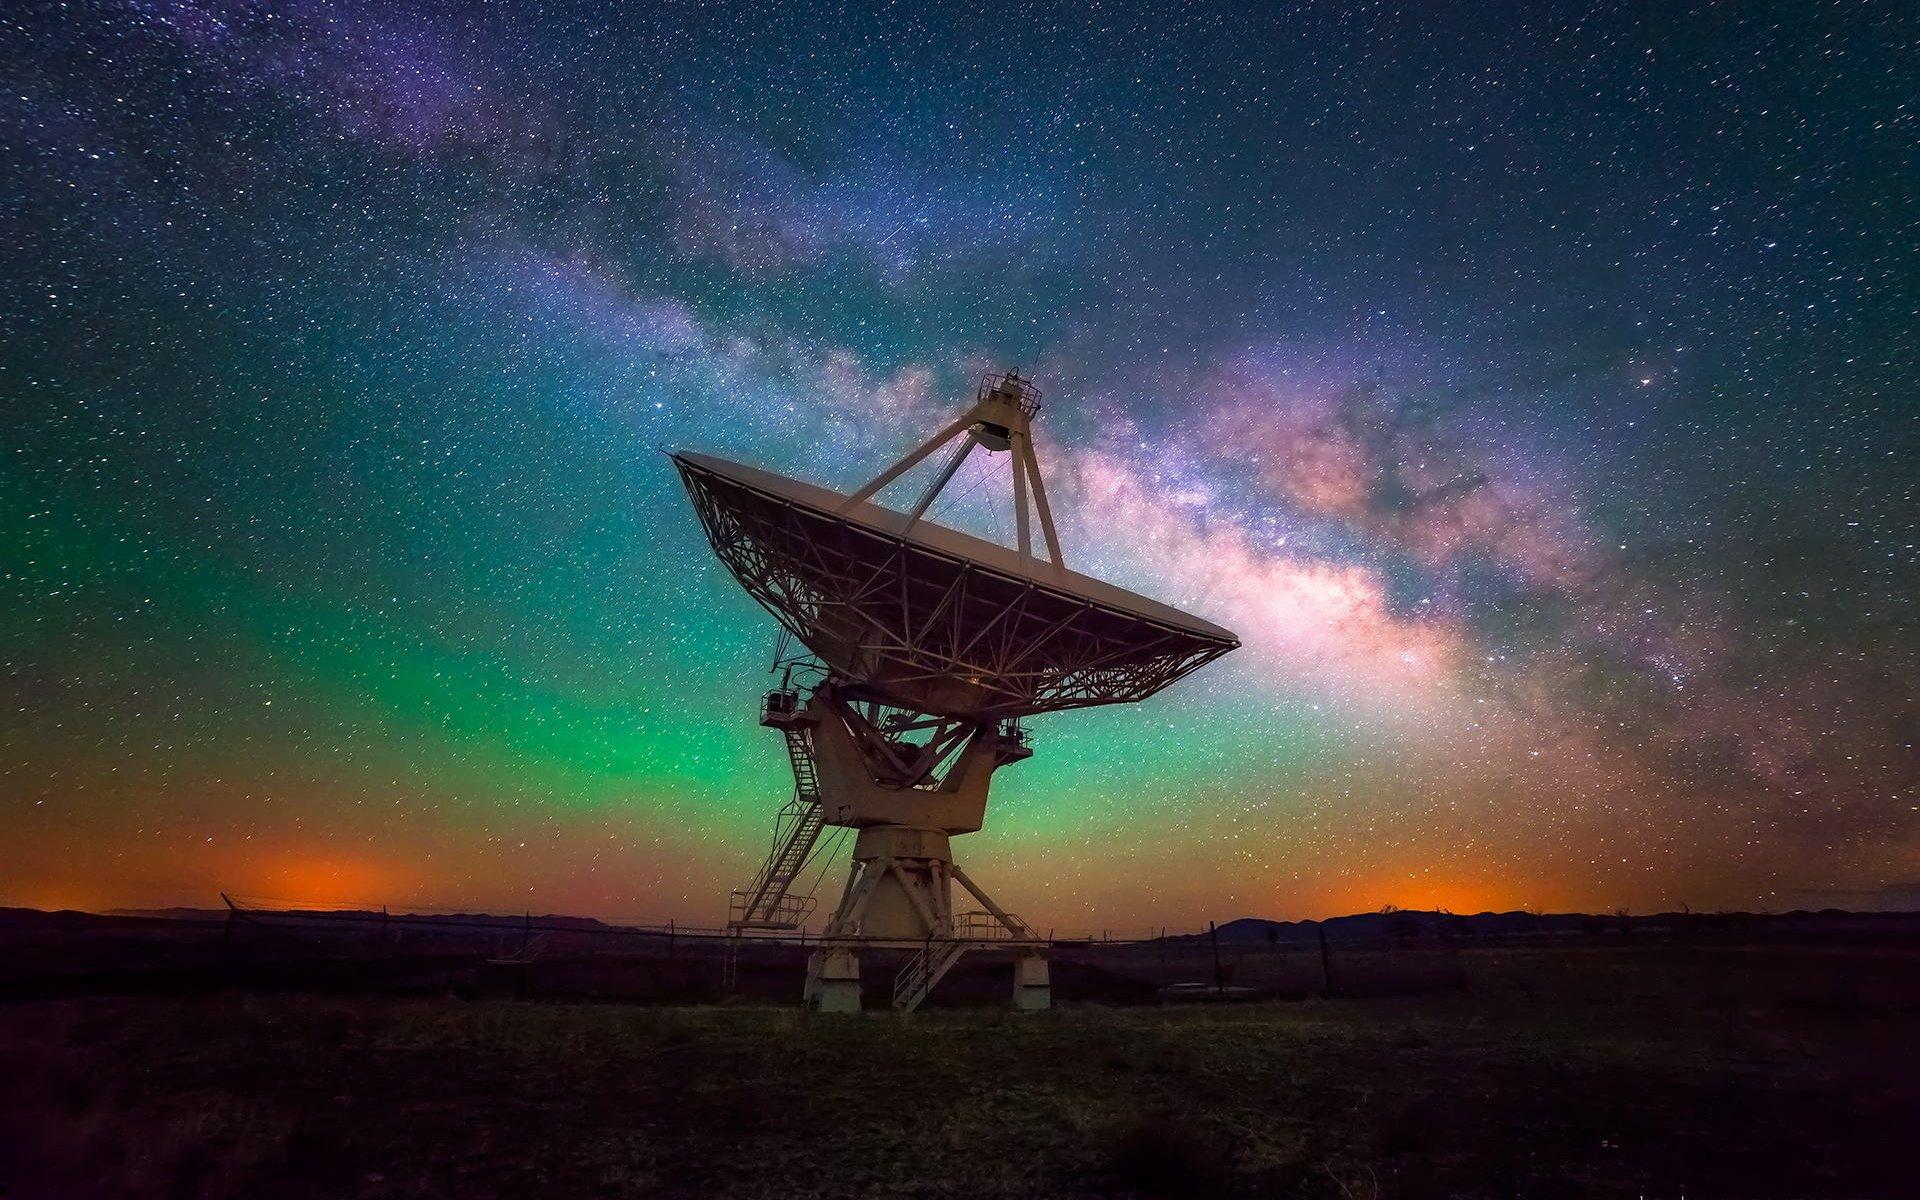 Sinal alienígena? Mistério da detecção de Proxima Centauri foi resolvido!